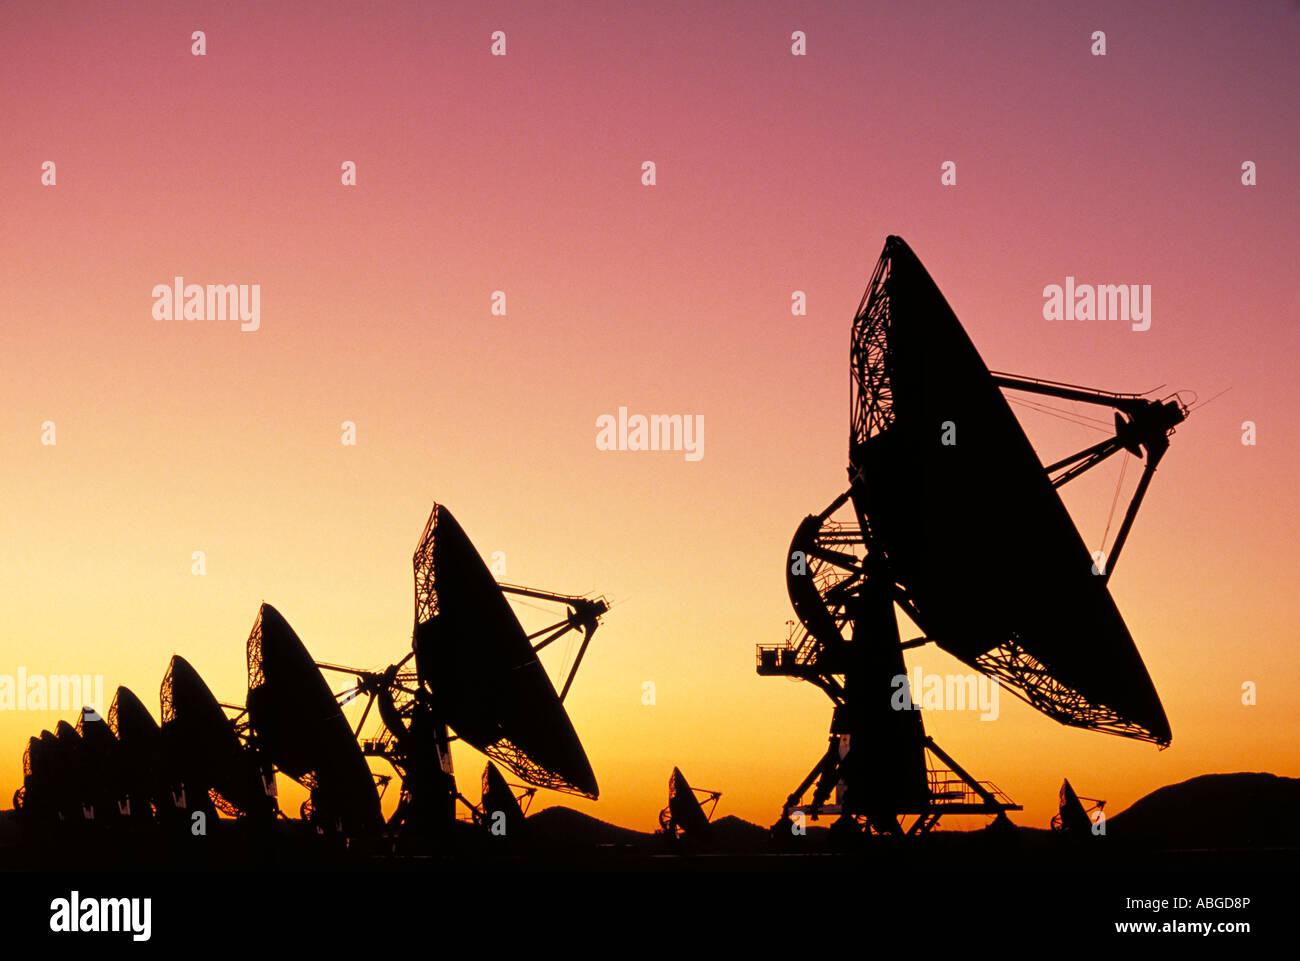 Elk226 5369 New Mexico NRAO molto grande schiera VLA radiotelescopio più grande del mondo Immagini Stock